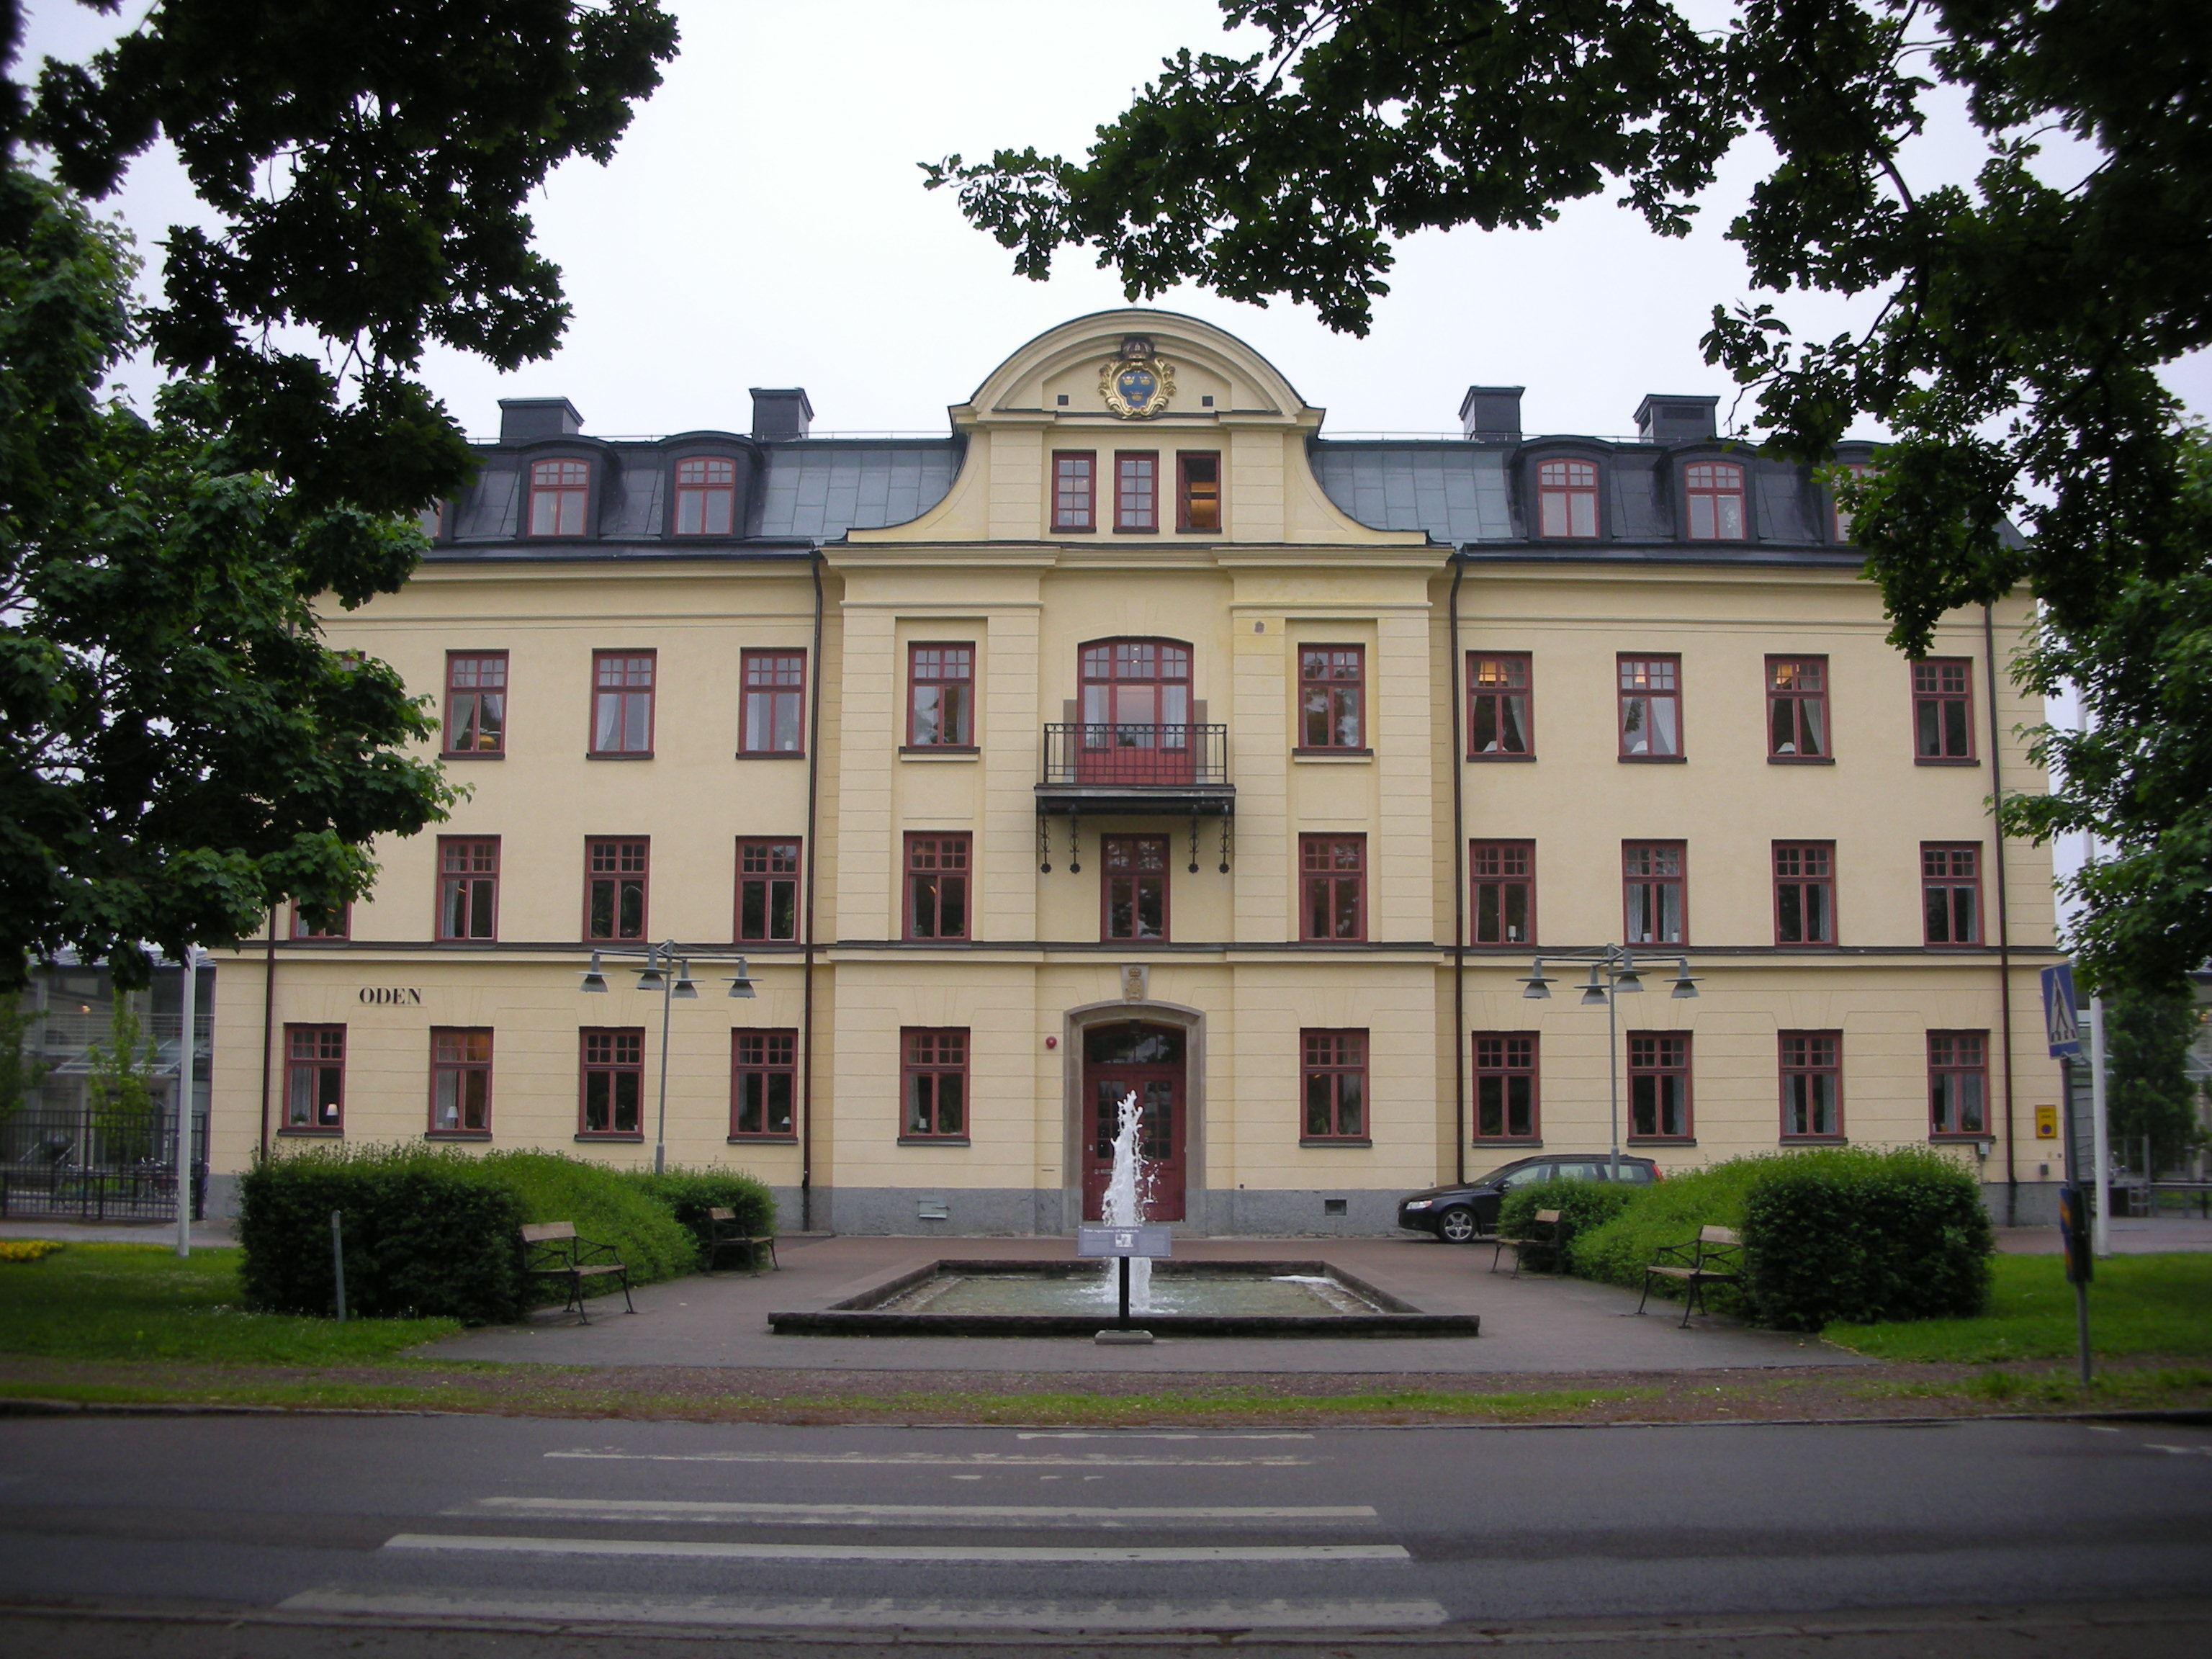 Lars Lundén, Guidad rundvandring på Kungsbäck